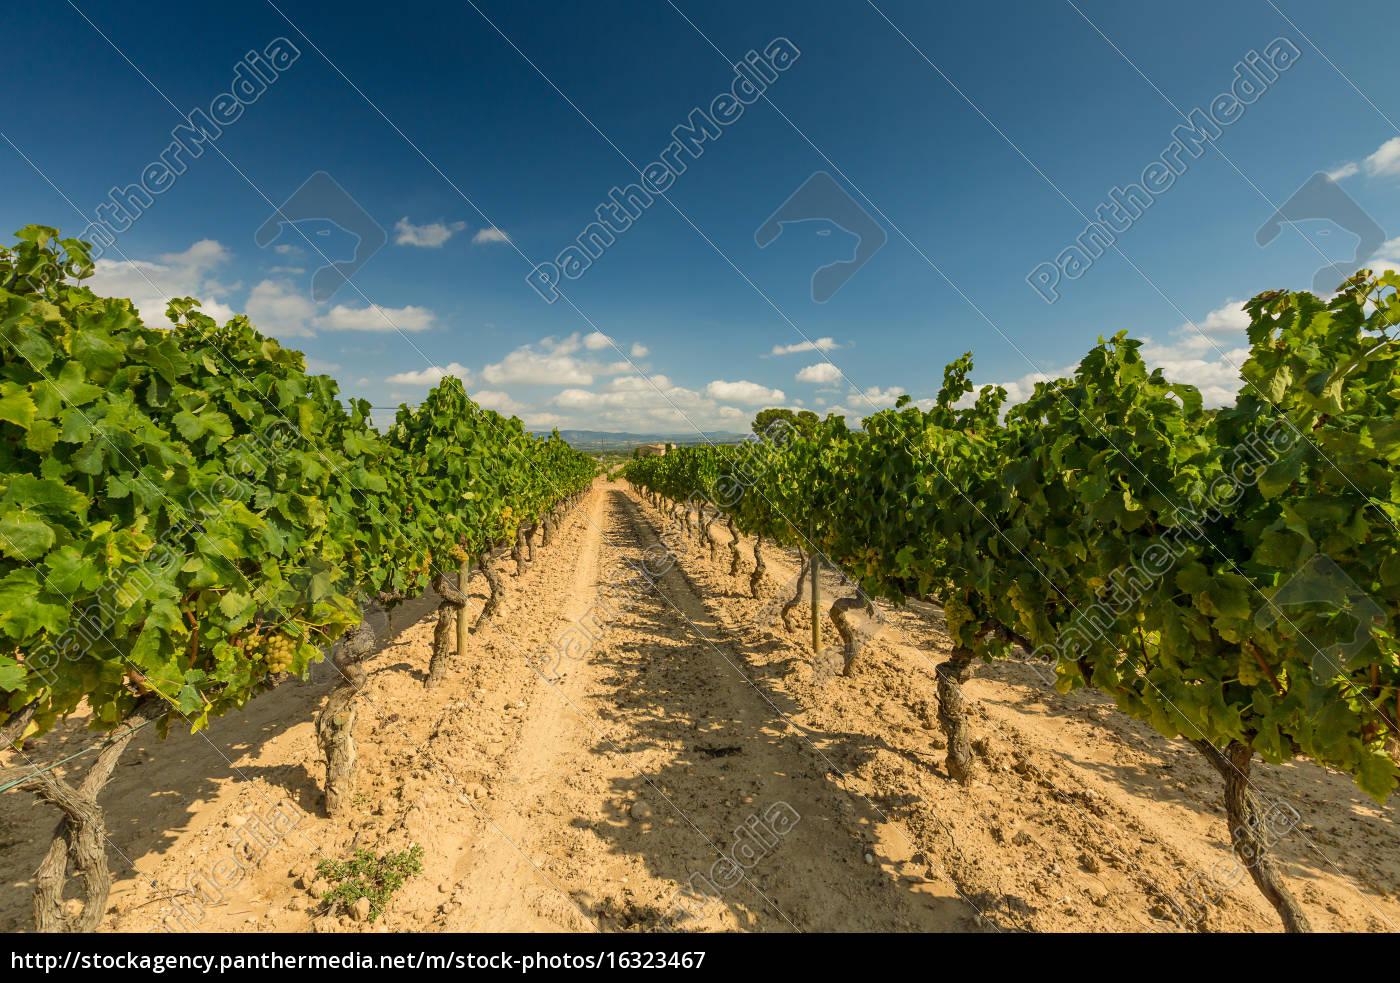 vinhedos, com, colheita, de, uvas, brancas - 16323467